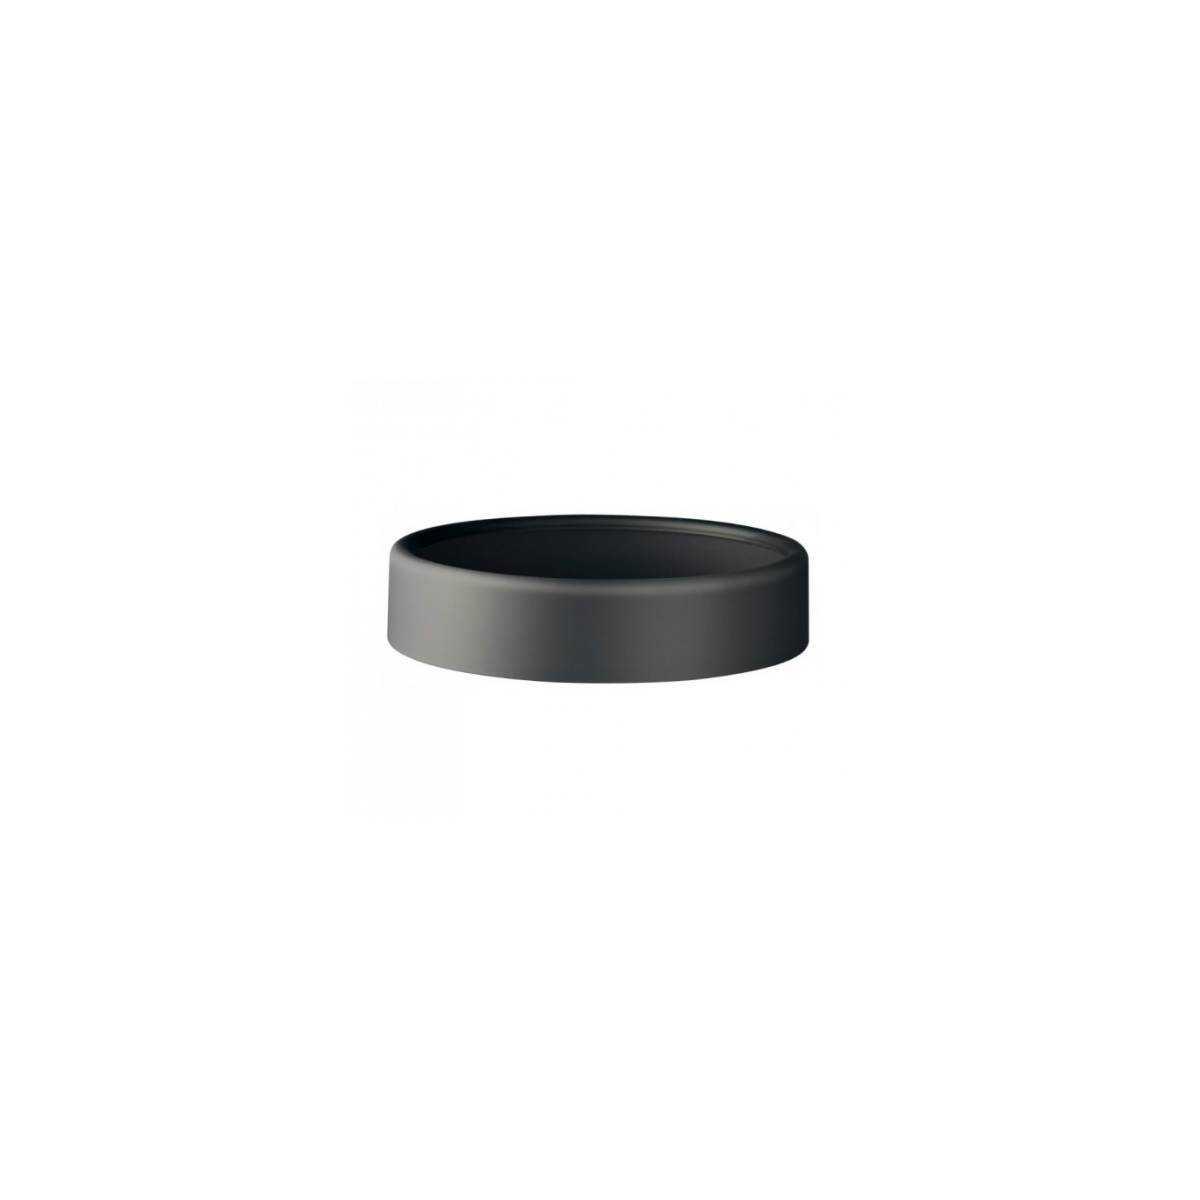 Кольцо-держатель для урны арт.A52601NE COLORED (A54401NE) A54401NE Mar Plast